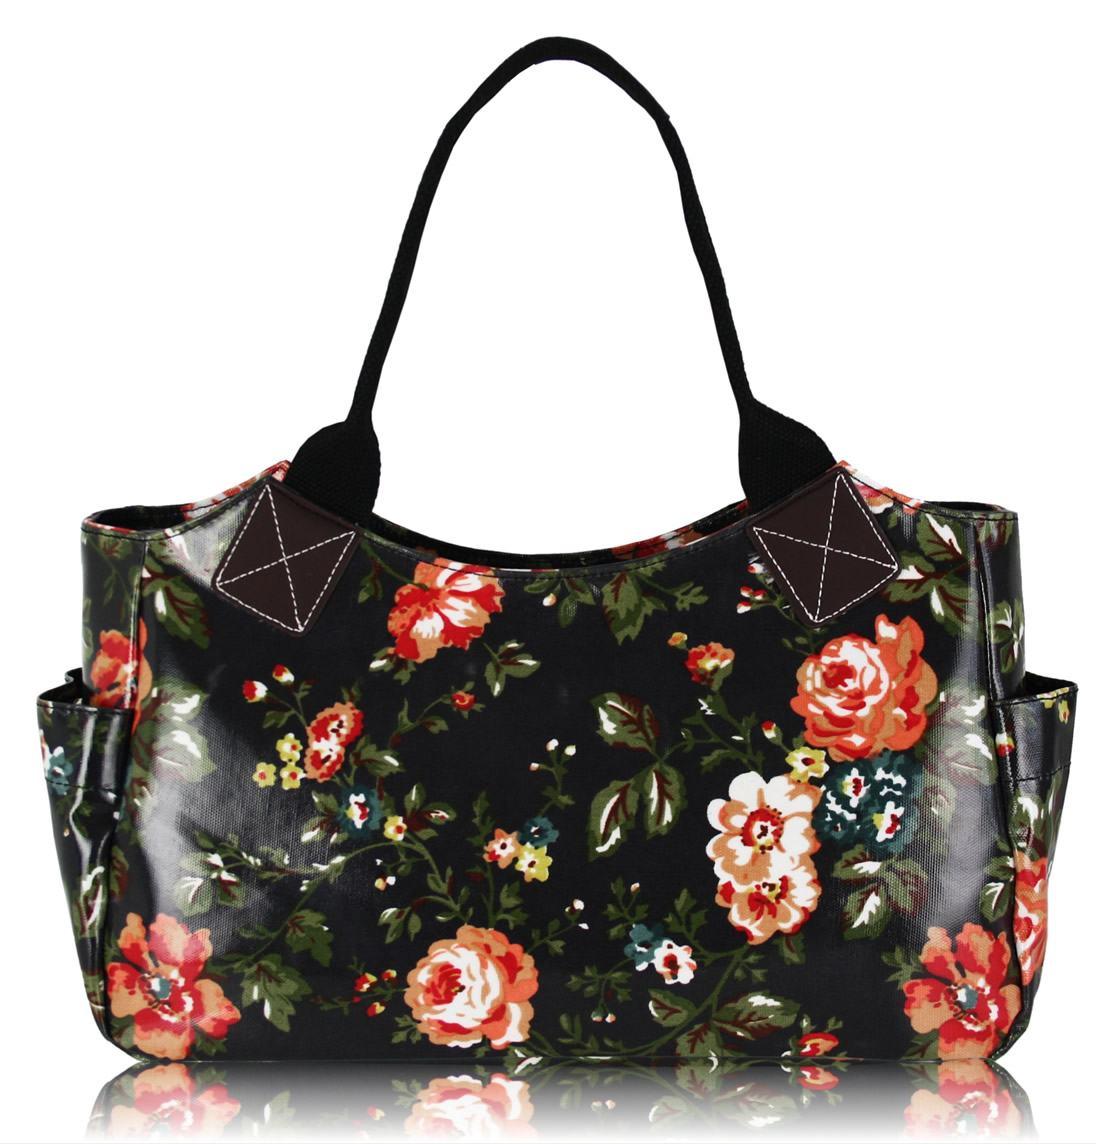 Bolsa De Festa Preta 2015 : Bolsas femininas florais bela feliz